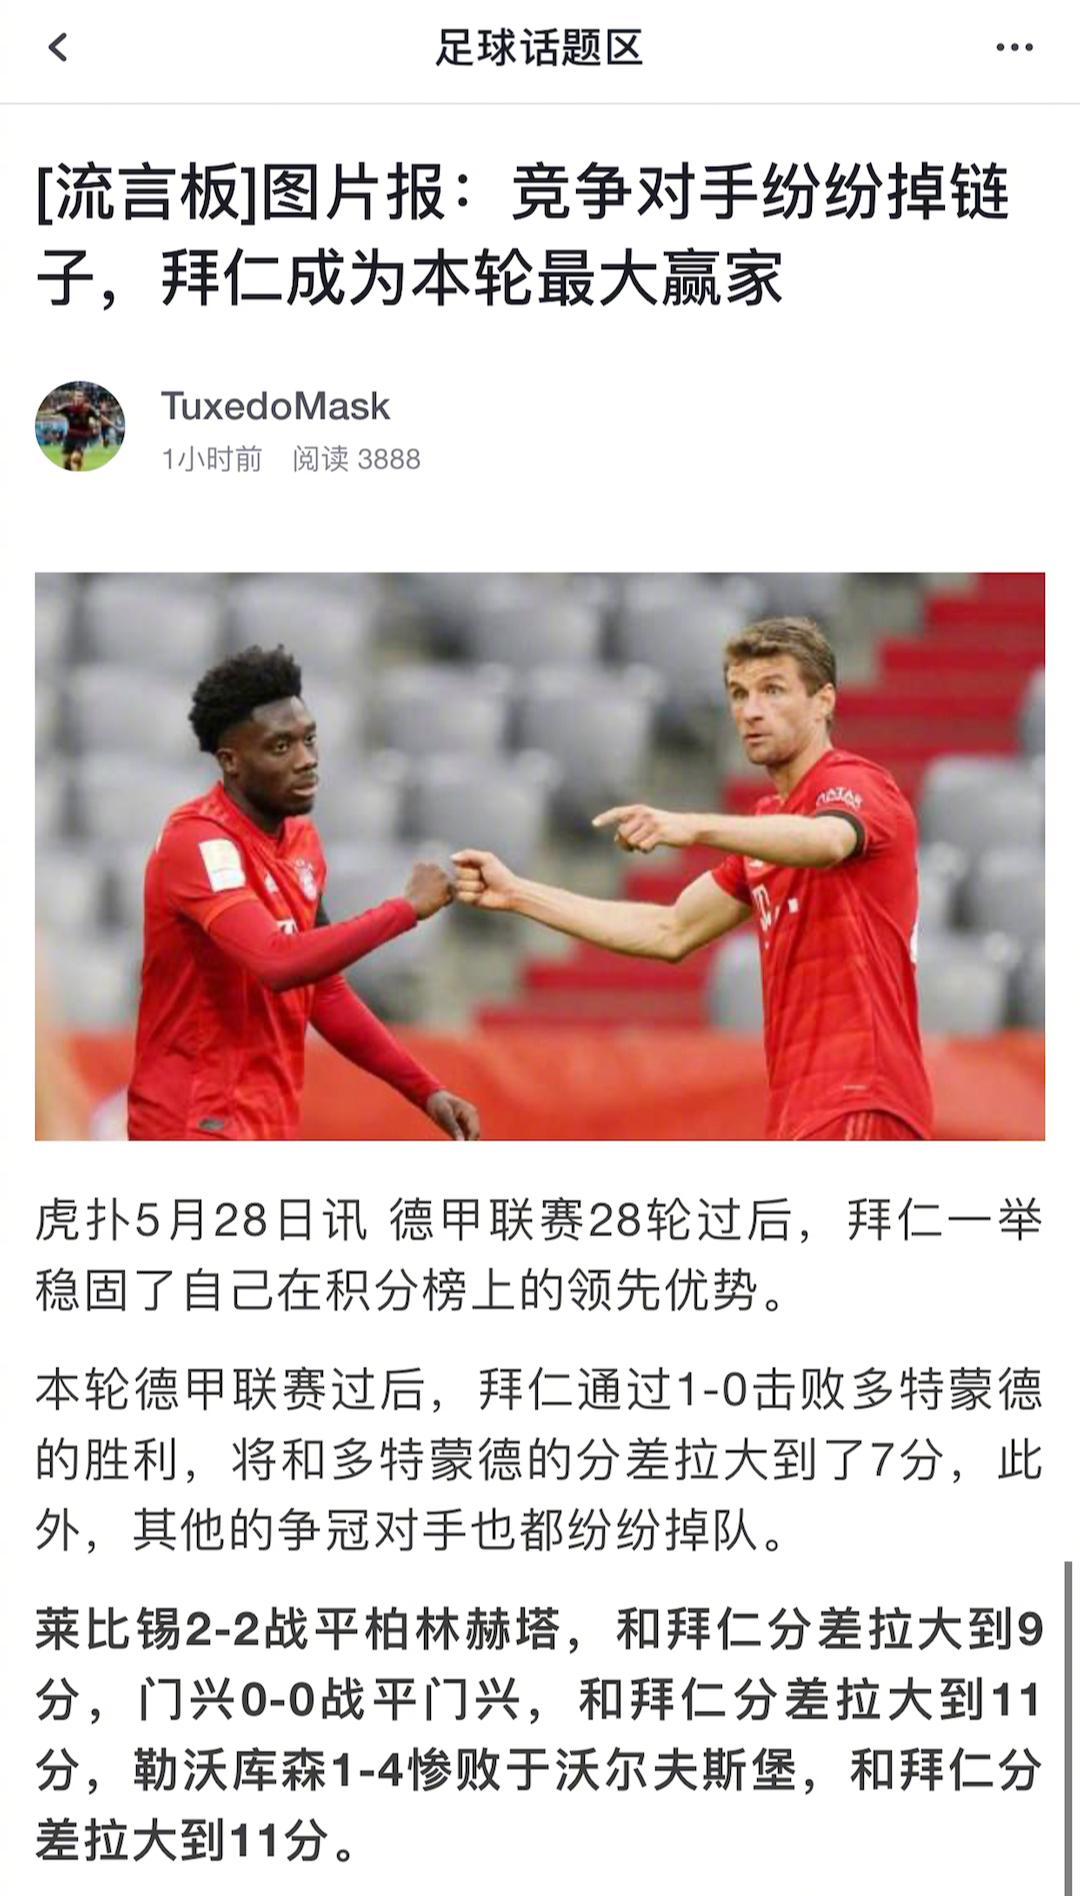 图片报:竞争对手纷纷掉链子,拜仁成为本轮最大赢家 完整新闻